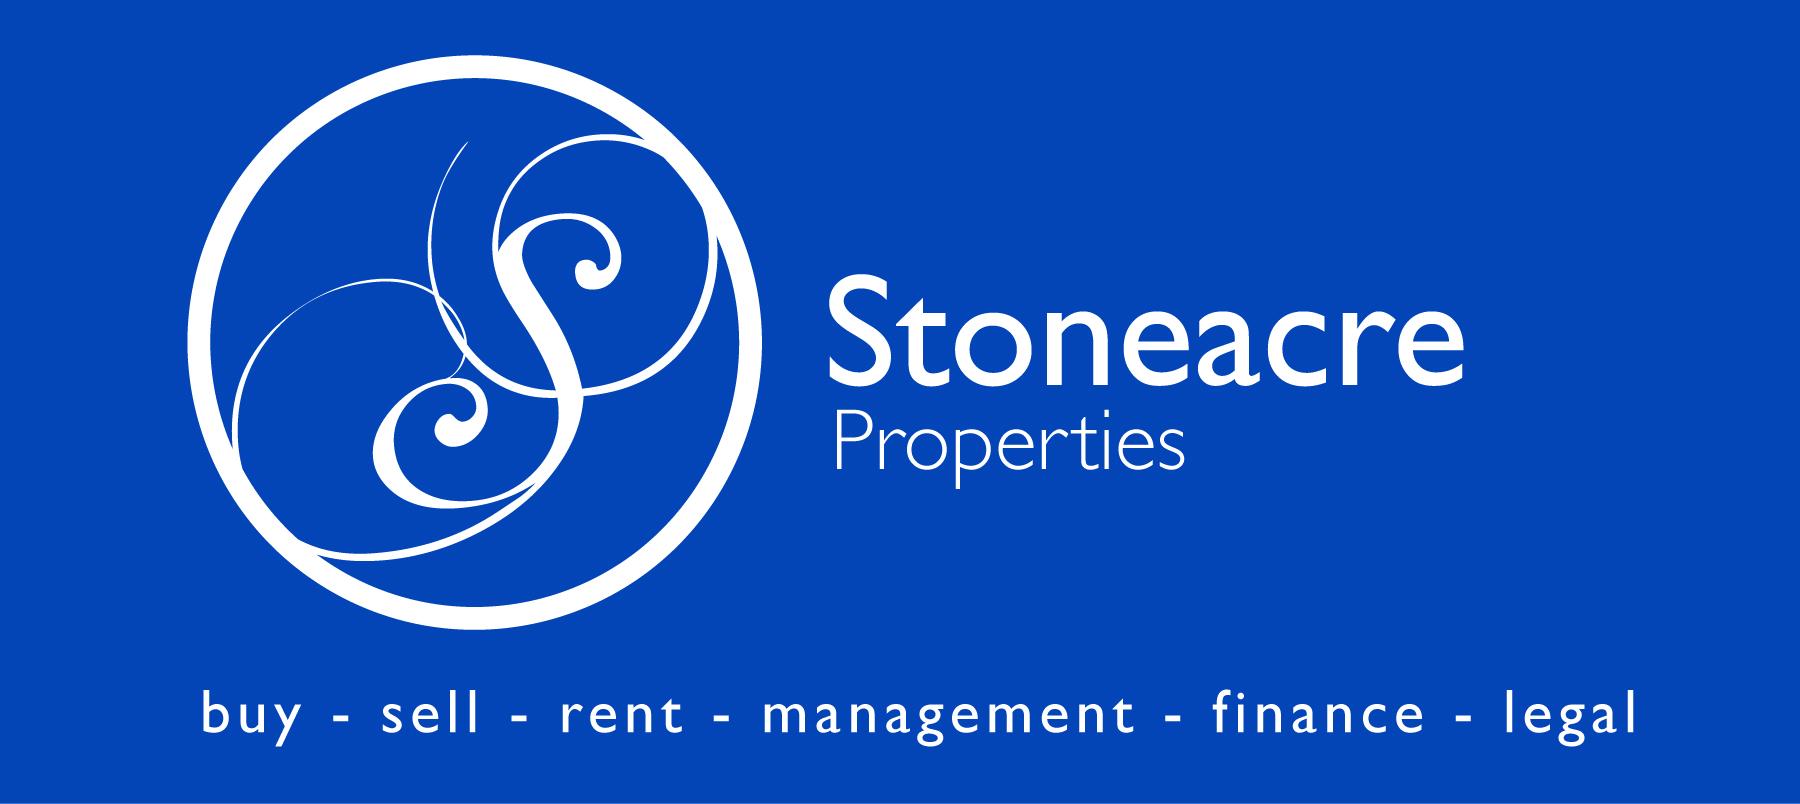 Stoneacre Properties